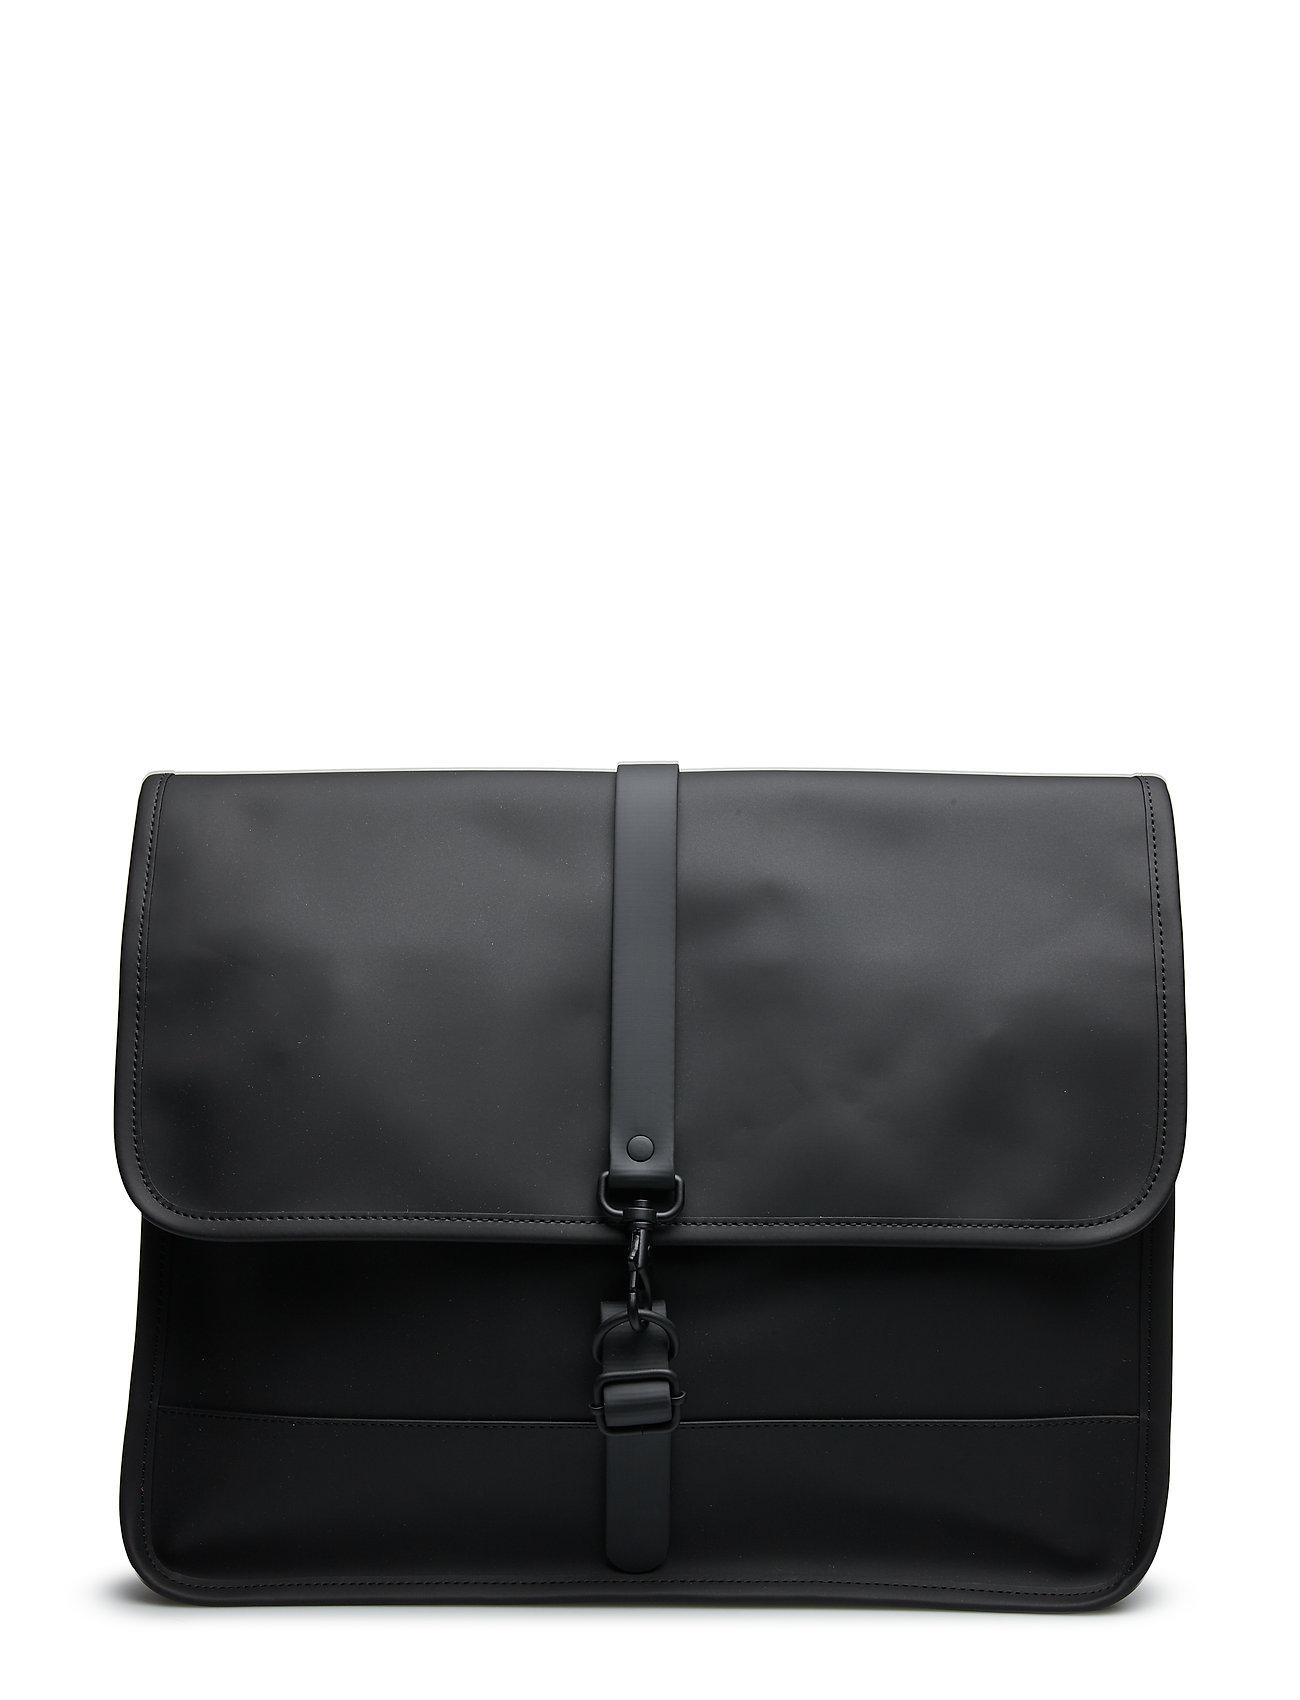 Rains Commuter Bag - BLACK